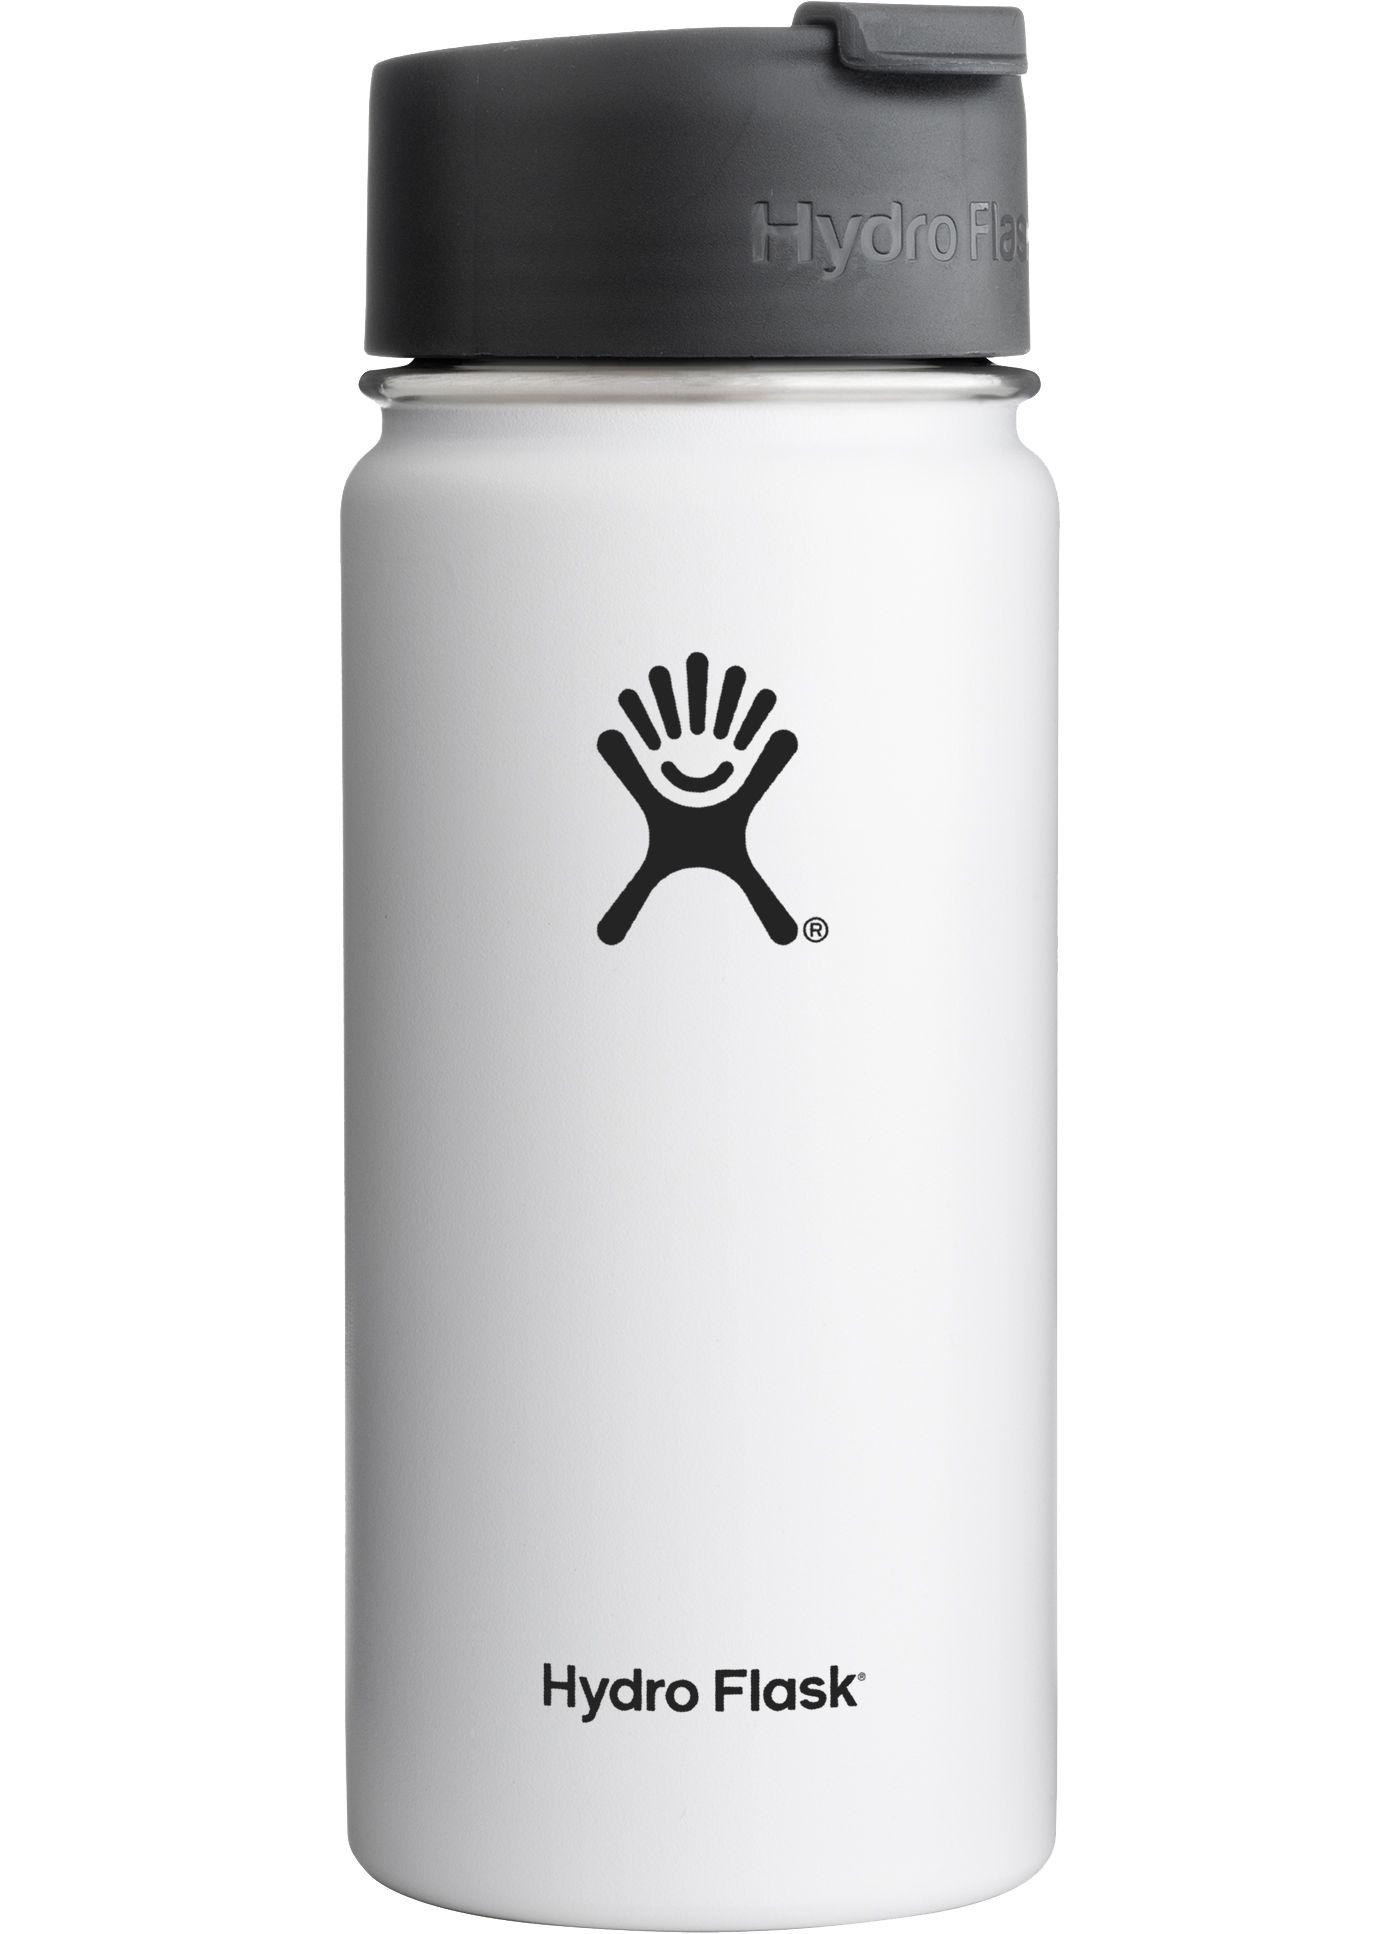 Hydro Flask 16 oz. Flip Top Bottle